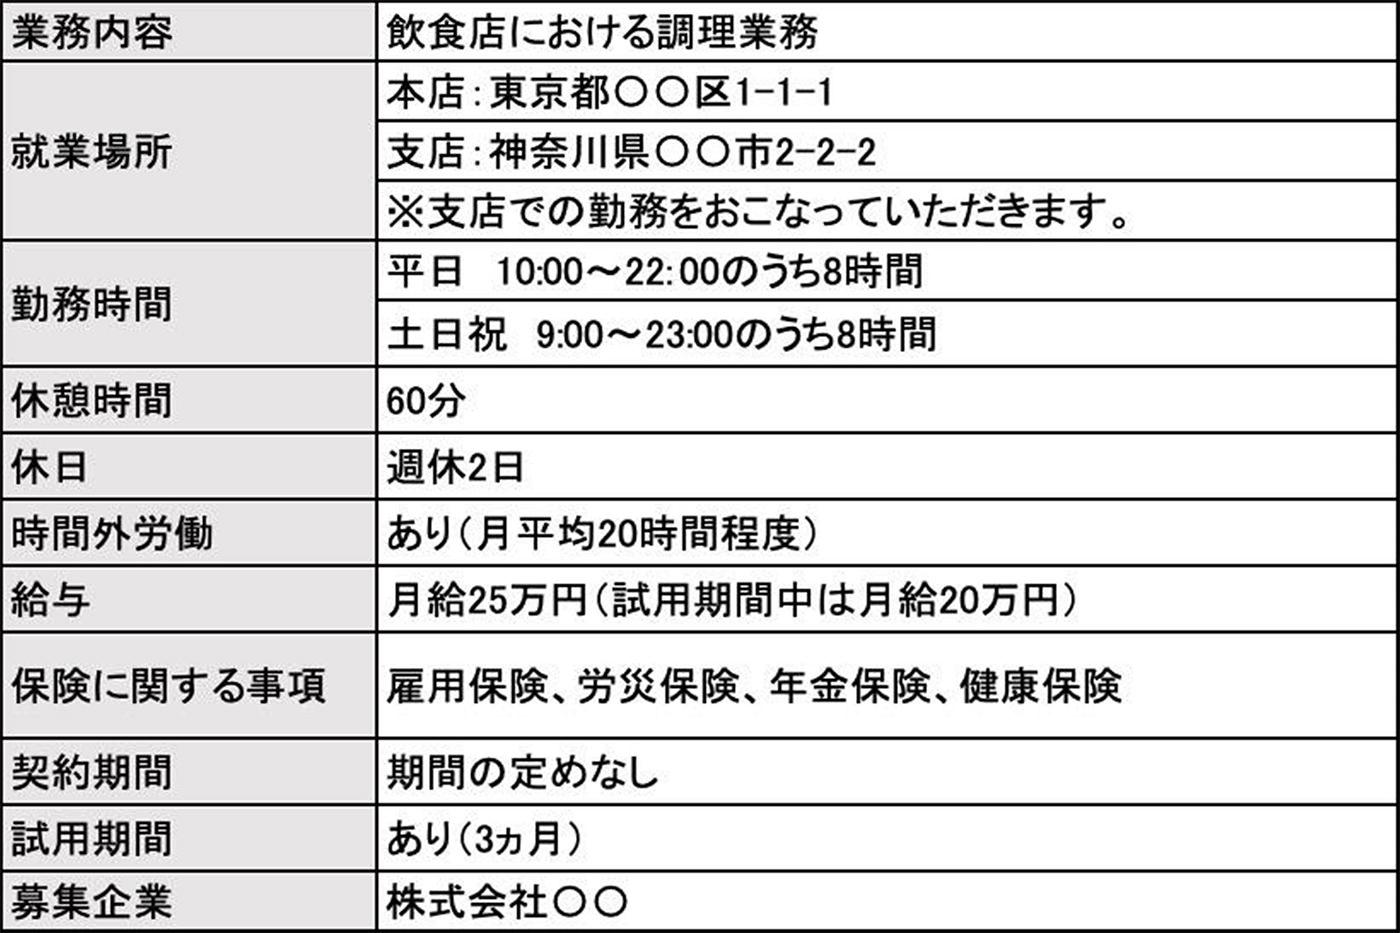 業務内容 飲食店における調理業務 就業場所 本店:東京都○○区1-1-1 支店:神奈川県○○市2-2-2 ※支店での勤務をおこなっていただきます。 勤務時間 平日 10:00~22:00のうち8時間 土日祝 9:00~23:00のうち8時間 休憩時間 60分 休日 週休2日 時間外労働 あり(月平均20時間程度) 給与 月給25万円(試用期間中は月給20万円) 保険に関する事項 雇用保険、労災保険、年金保険、健康保険 契約期間 期間の定めなし 試用期間 あり(3ヵ月) 募集企業 株式会社○○